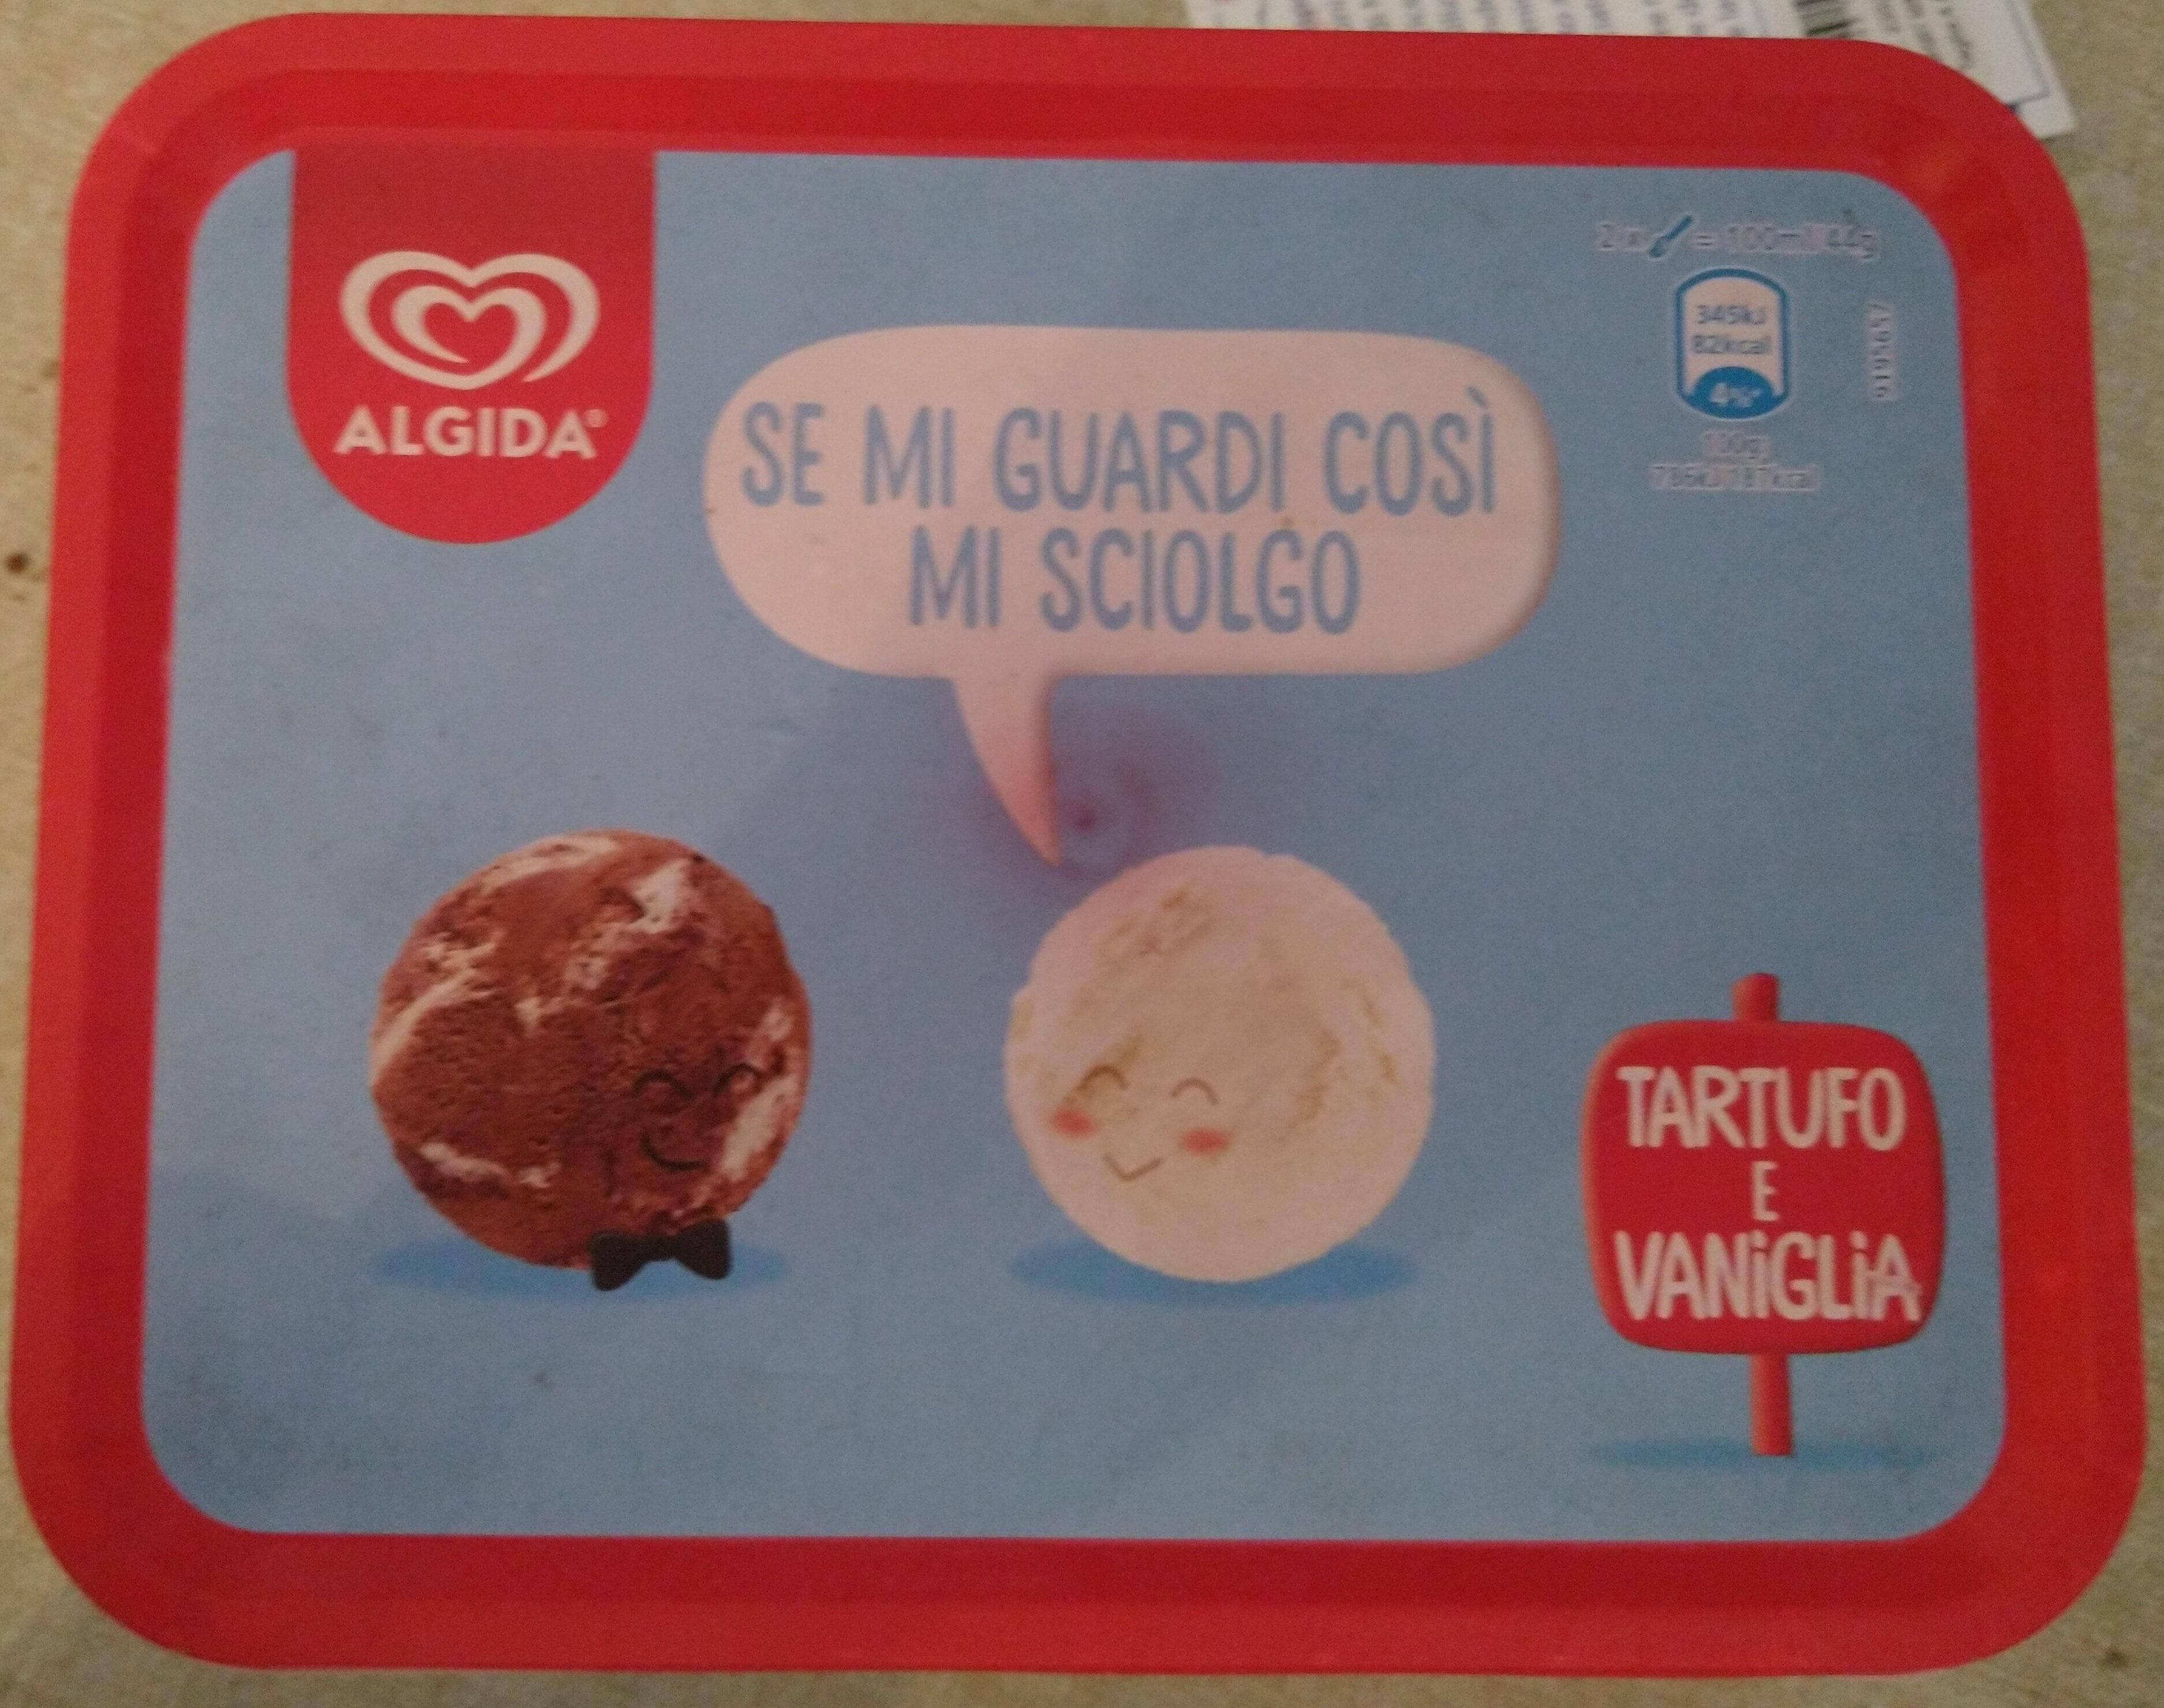 gelato tartufo e vaniglia - Product - en